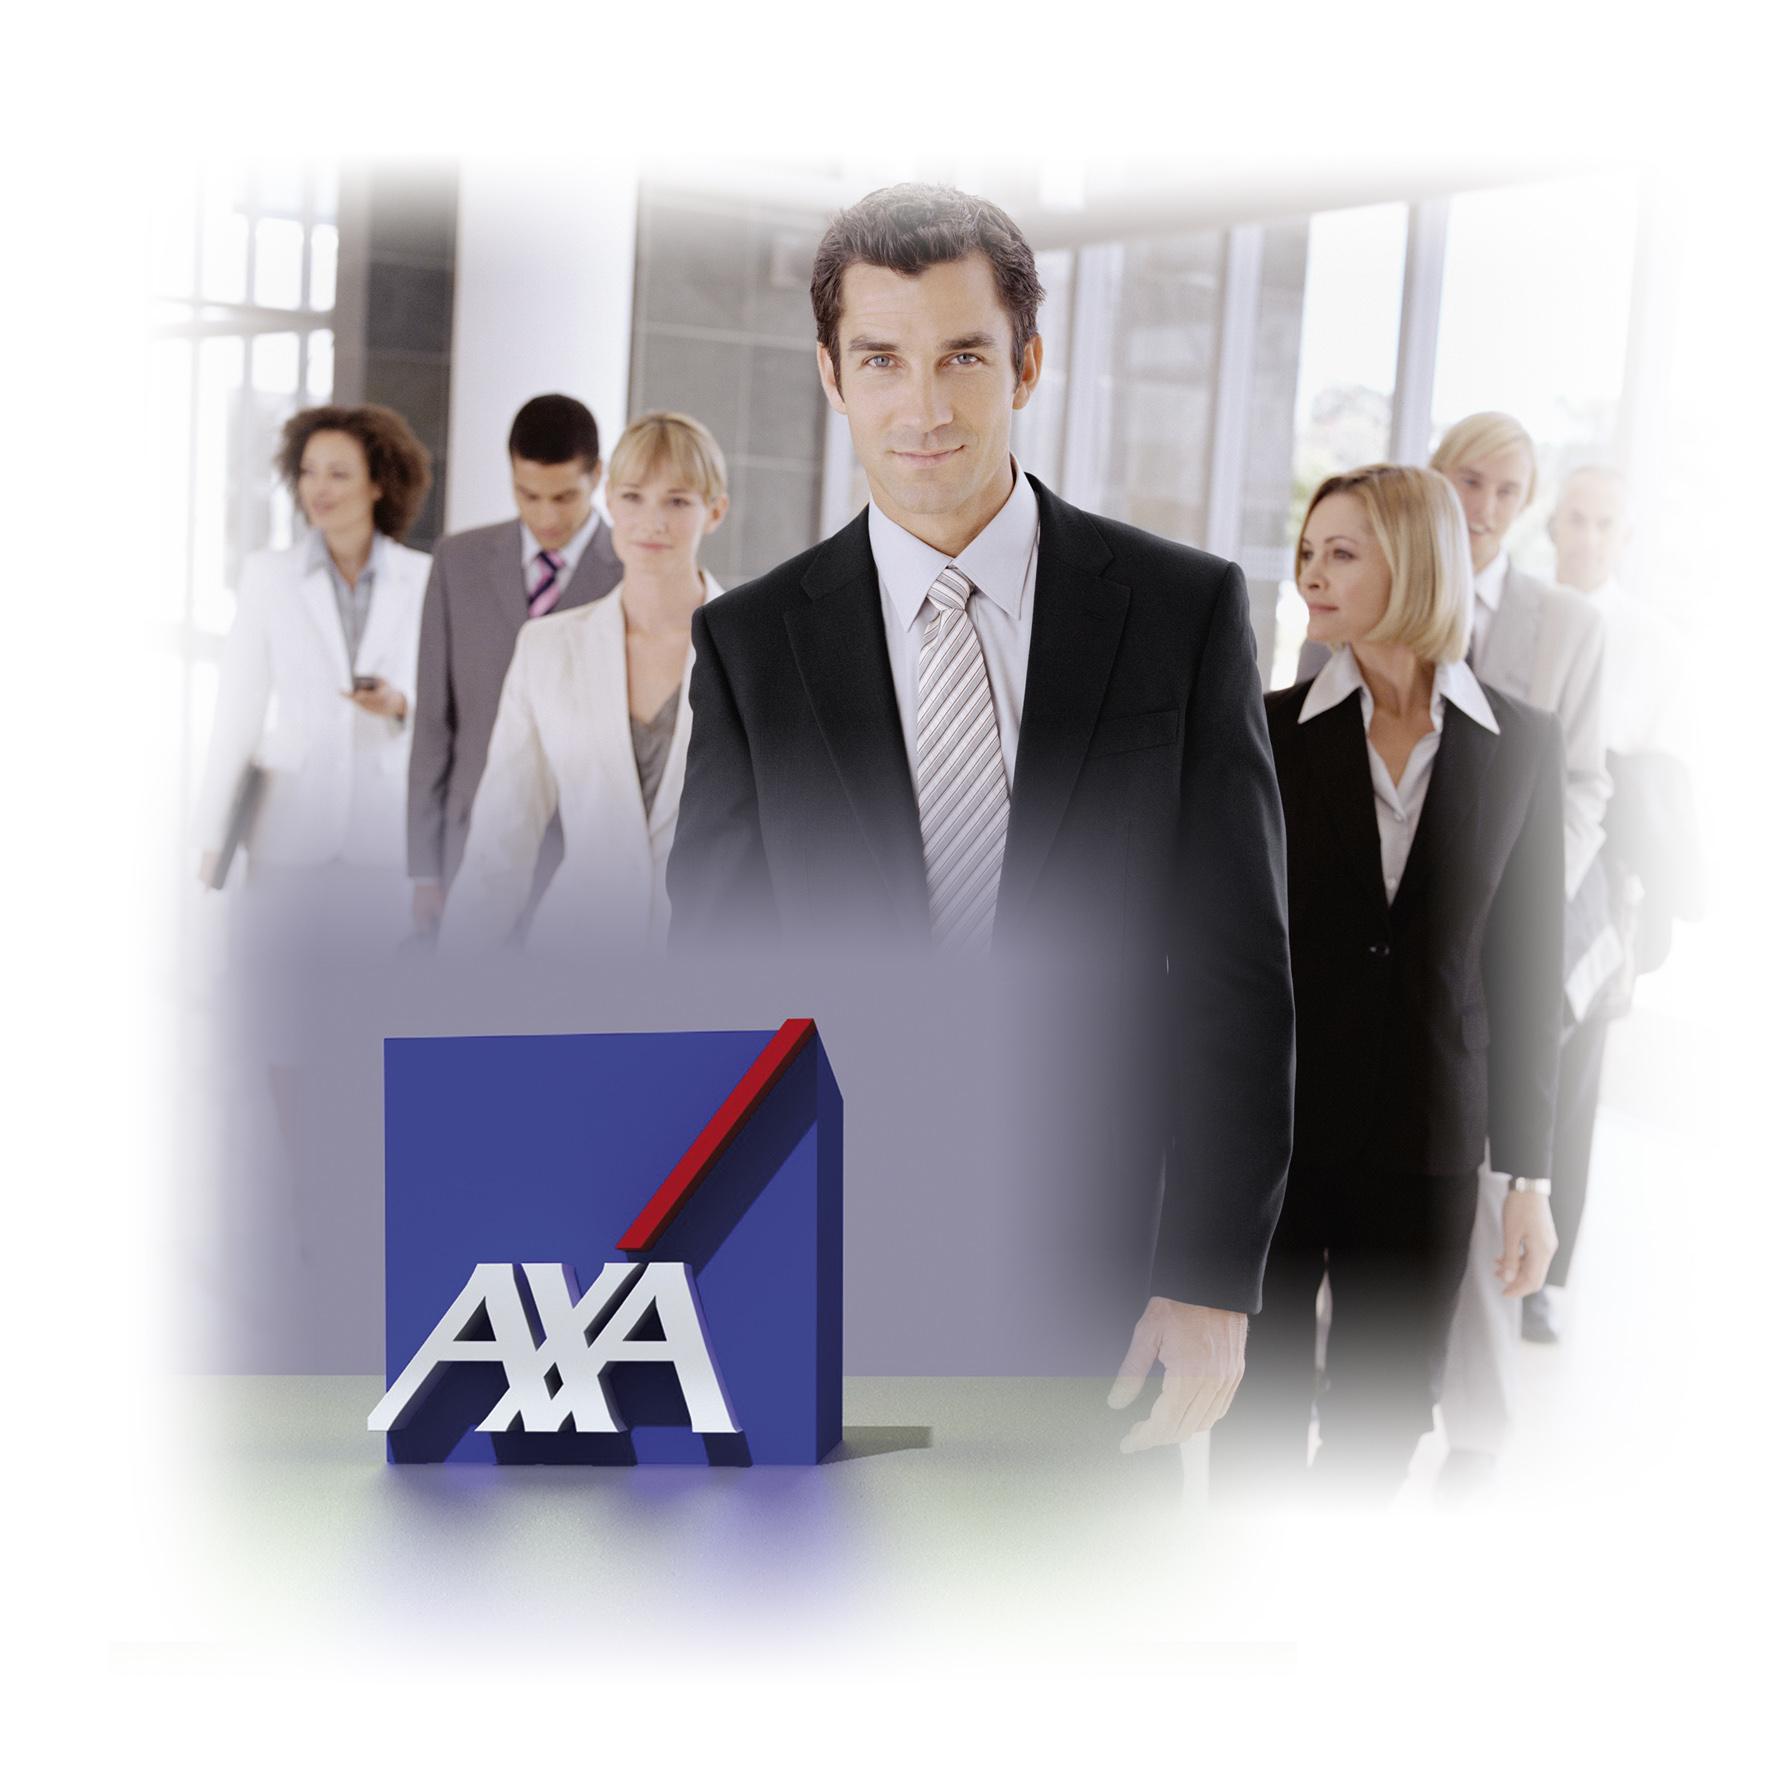 Campaña AXA